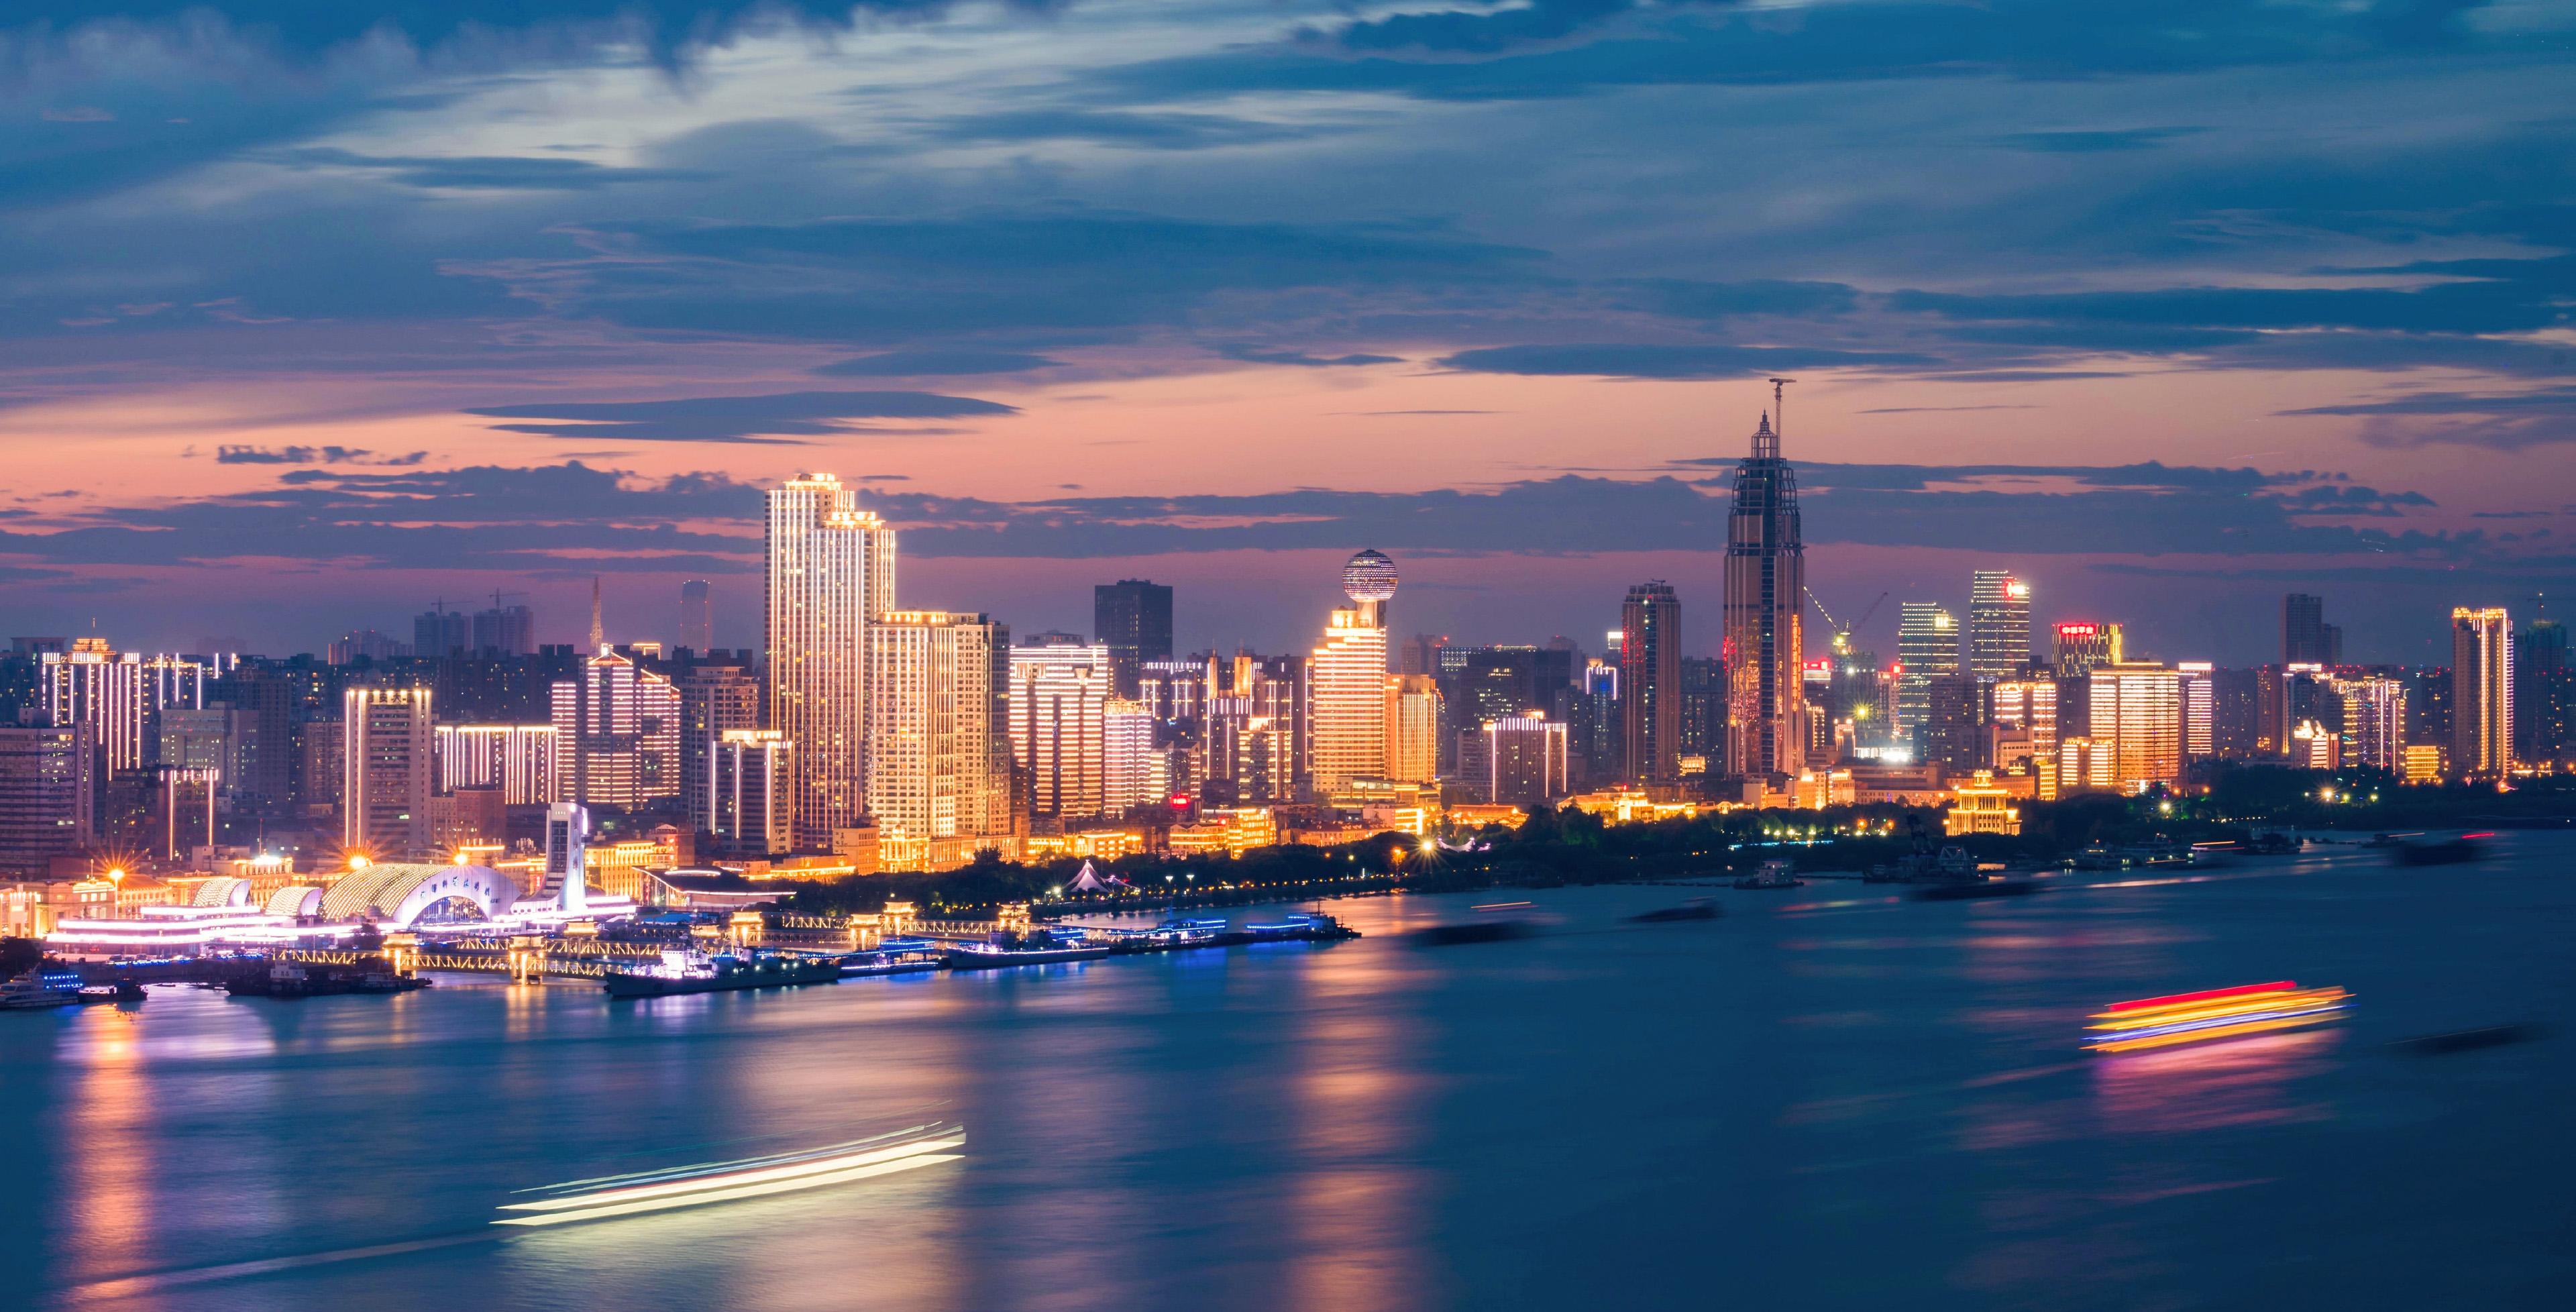 Vũ Hán, trung tâm thương mại và công nghiệp, được mệnh danh là Chicago của Trung Quốc. Ảnh: Prologis.